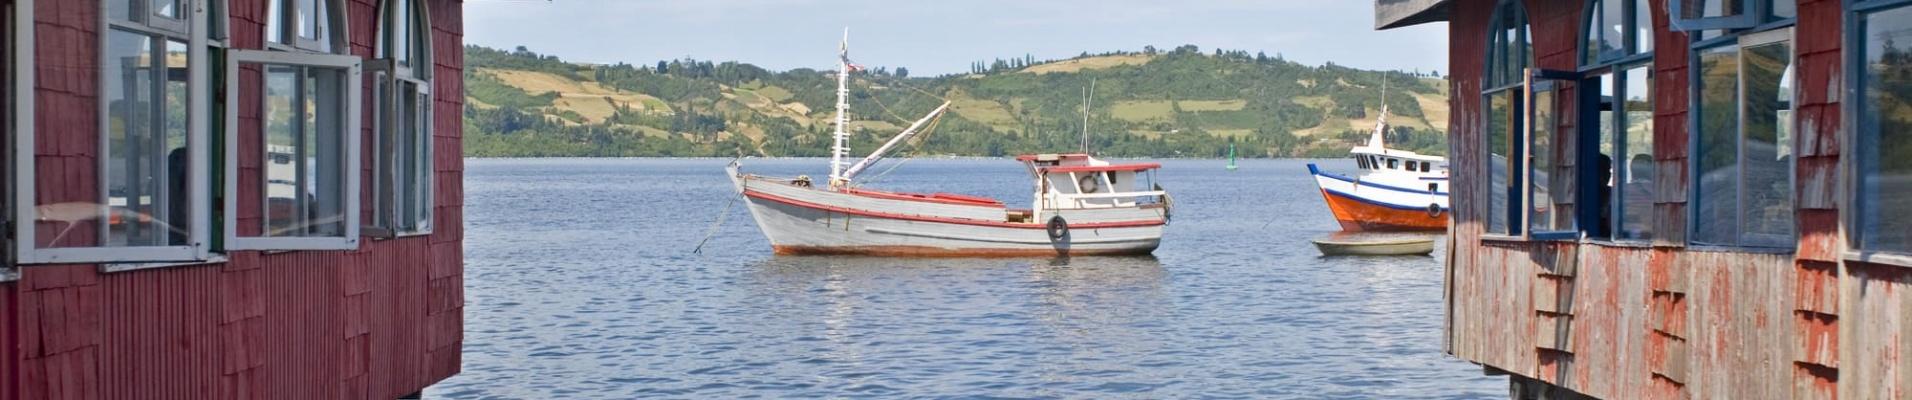 Dalcahue, Chili, maisons sur pilotis et bateau de pêche. Avis Chili témoignages voyage.